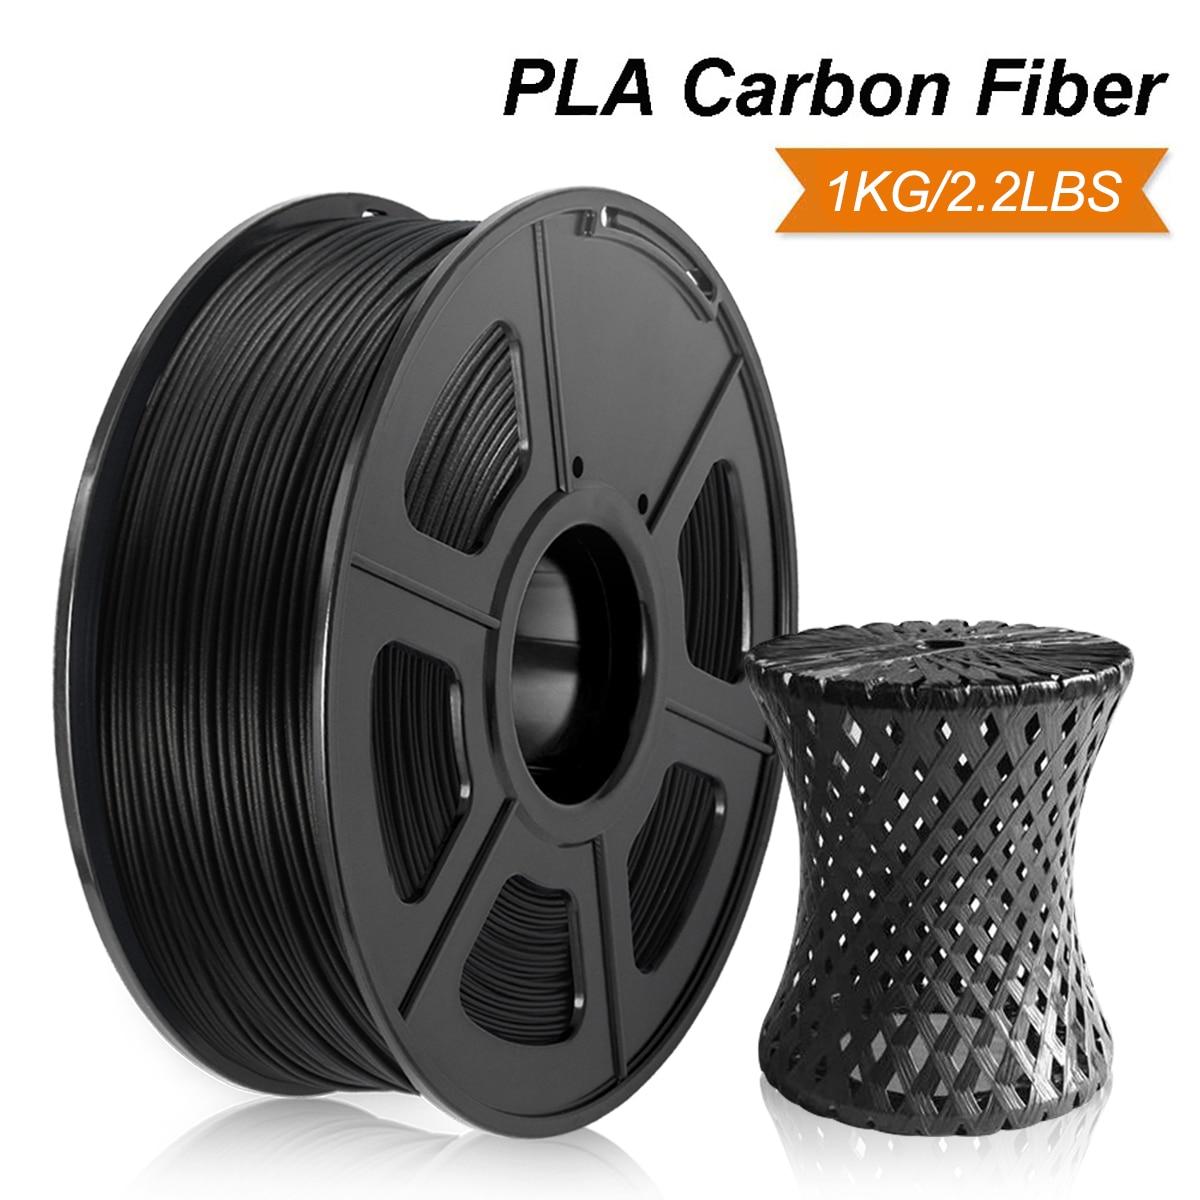 PLA Carbone NOIR 1kg PLA En Fiber De Carbone 3D Imprimante Filament 1.75mm (2.2lb) Tolérance +/-0.02mm Pour La Conception Des Enfants Peinture филамент